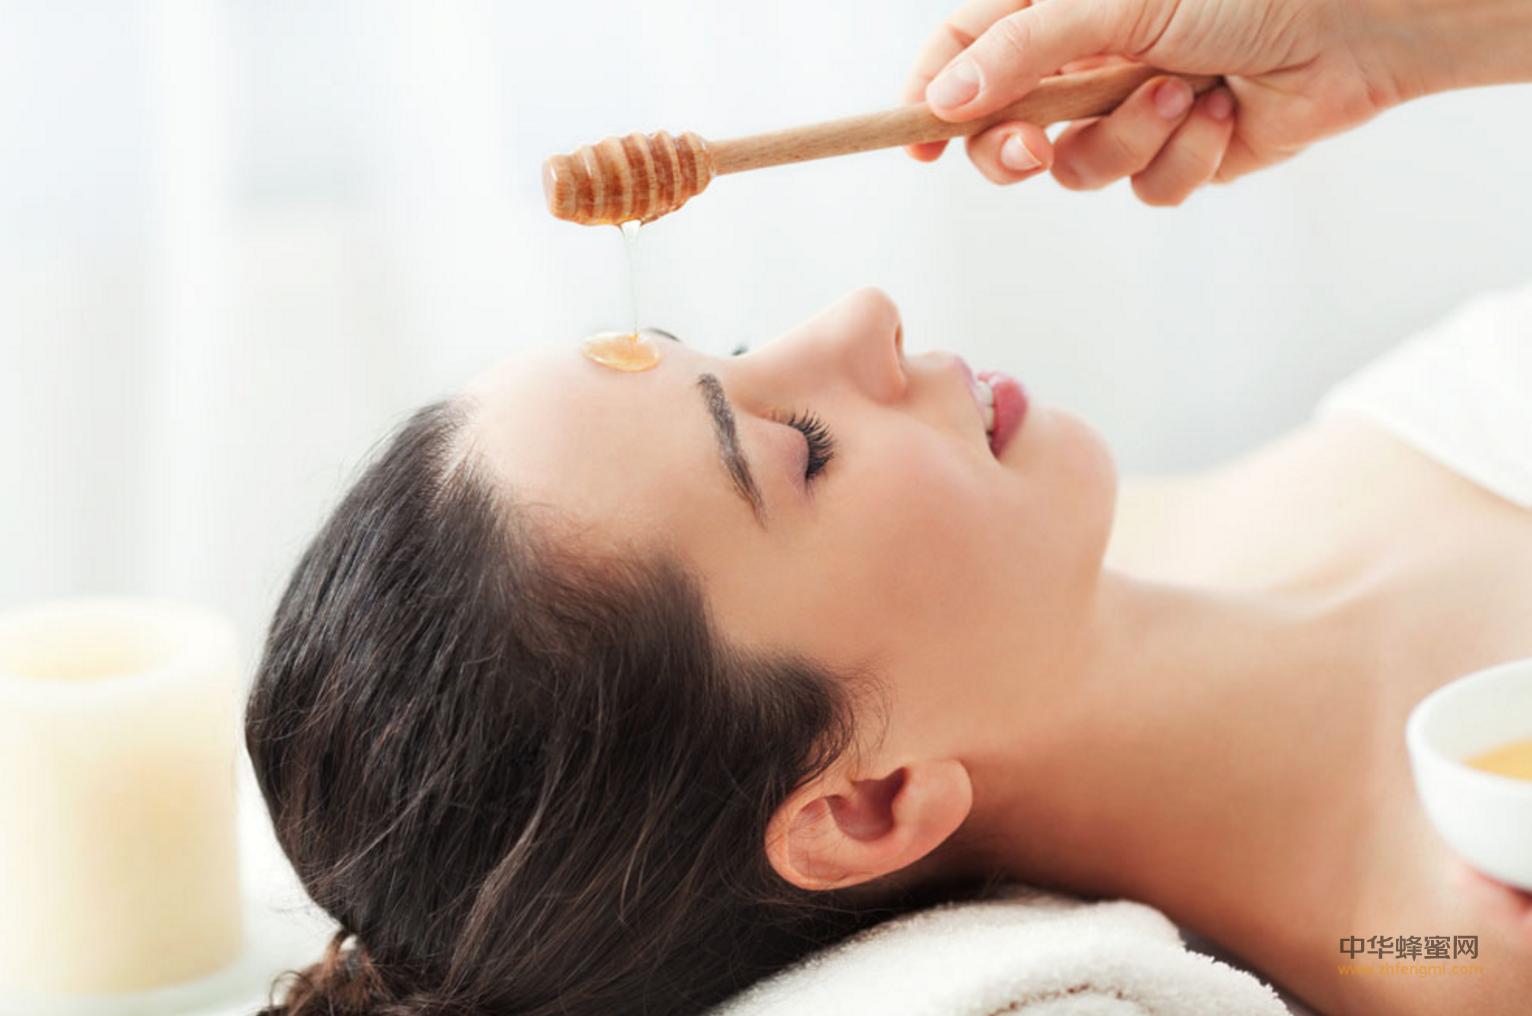 蜂蜜 功效 作用 蜂蜜美容 蜂蜜面膜 蜂蜜直接涂在脸上 蜂蜜美容方法